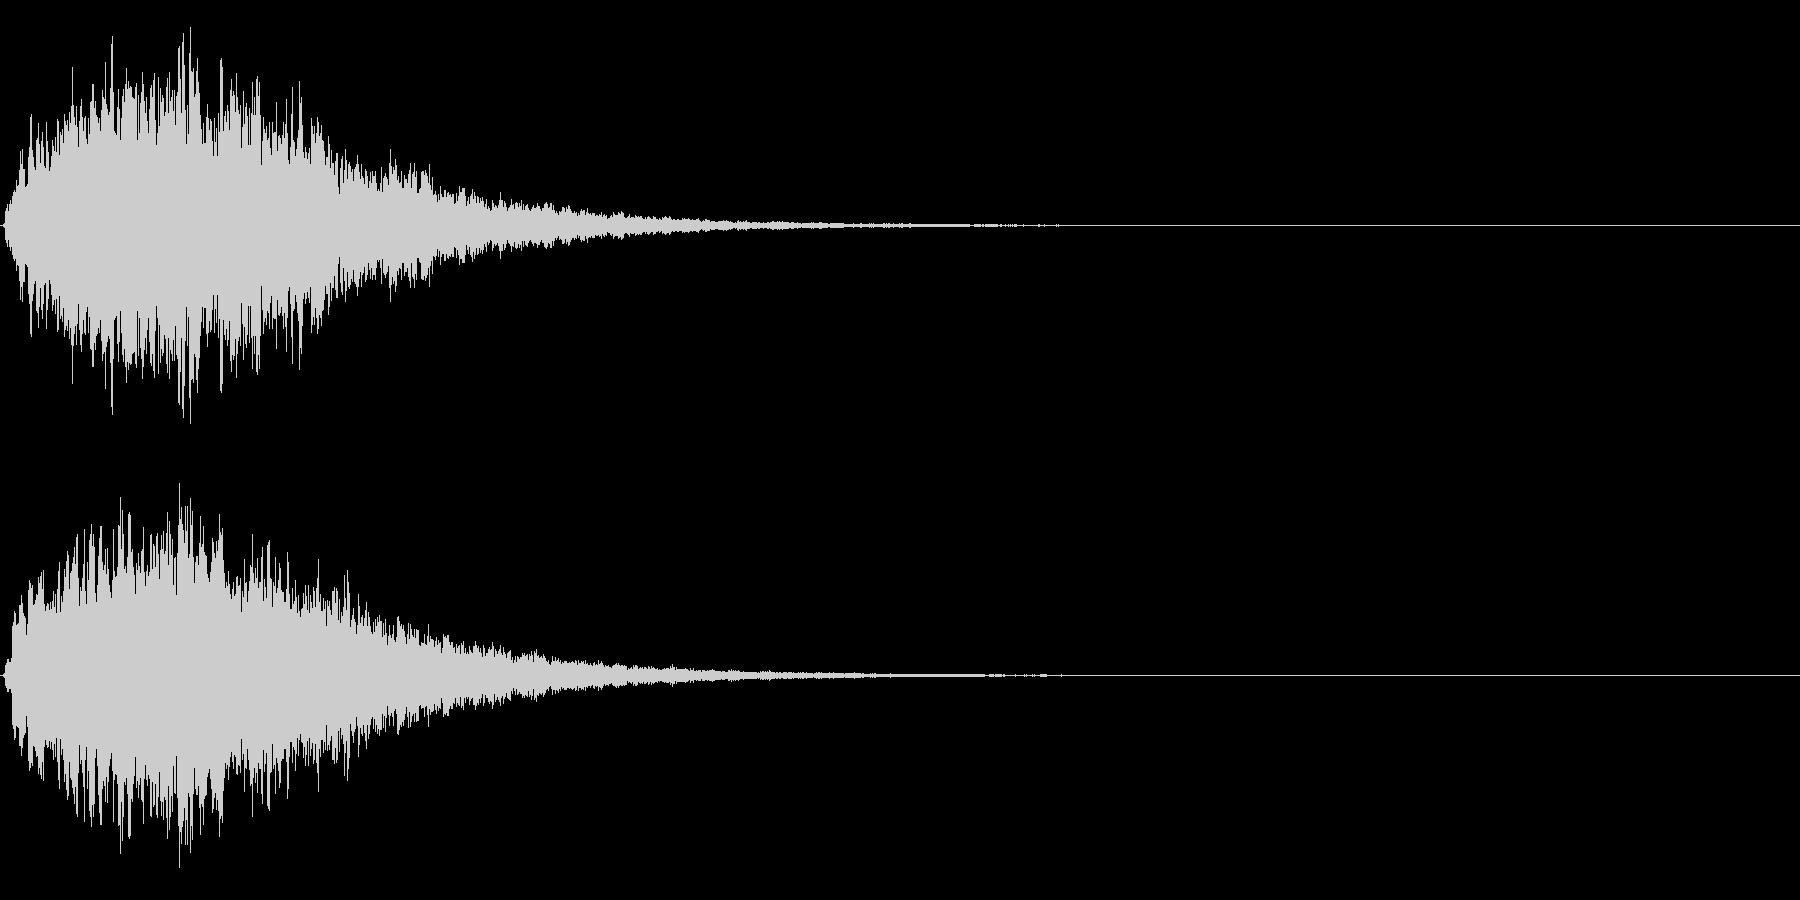 ゲームスタート、決定、ボタン音-039の未再生の波形